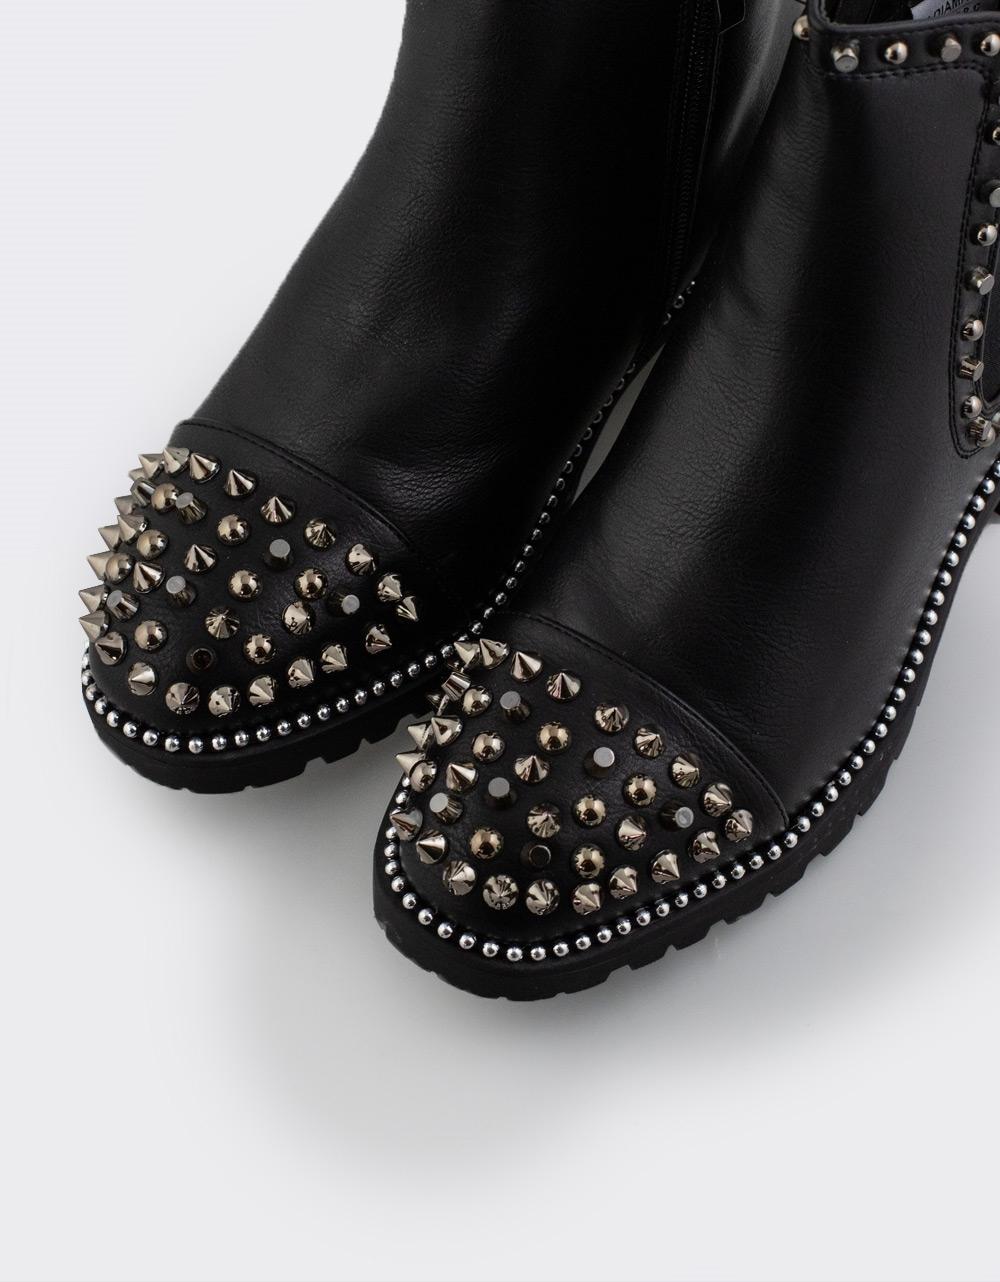 Εικόνα από Γυναικεία μποτάκια με τρουκς Μαύρο